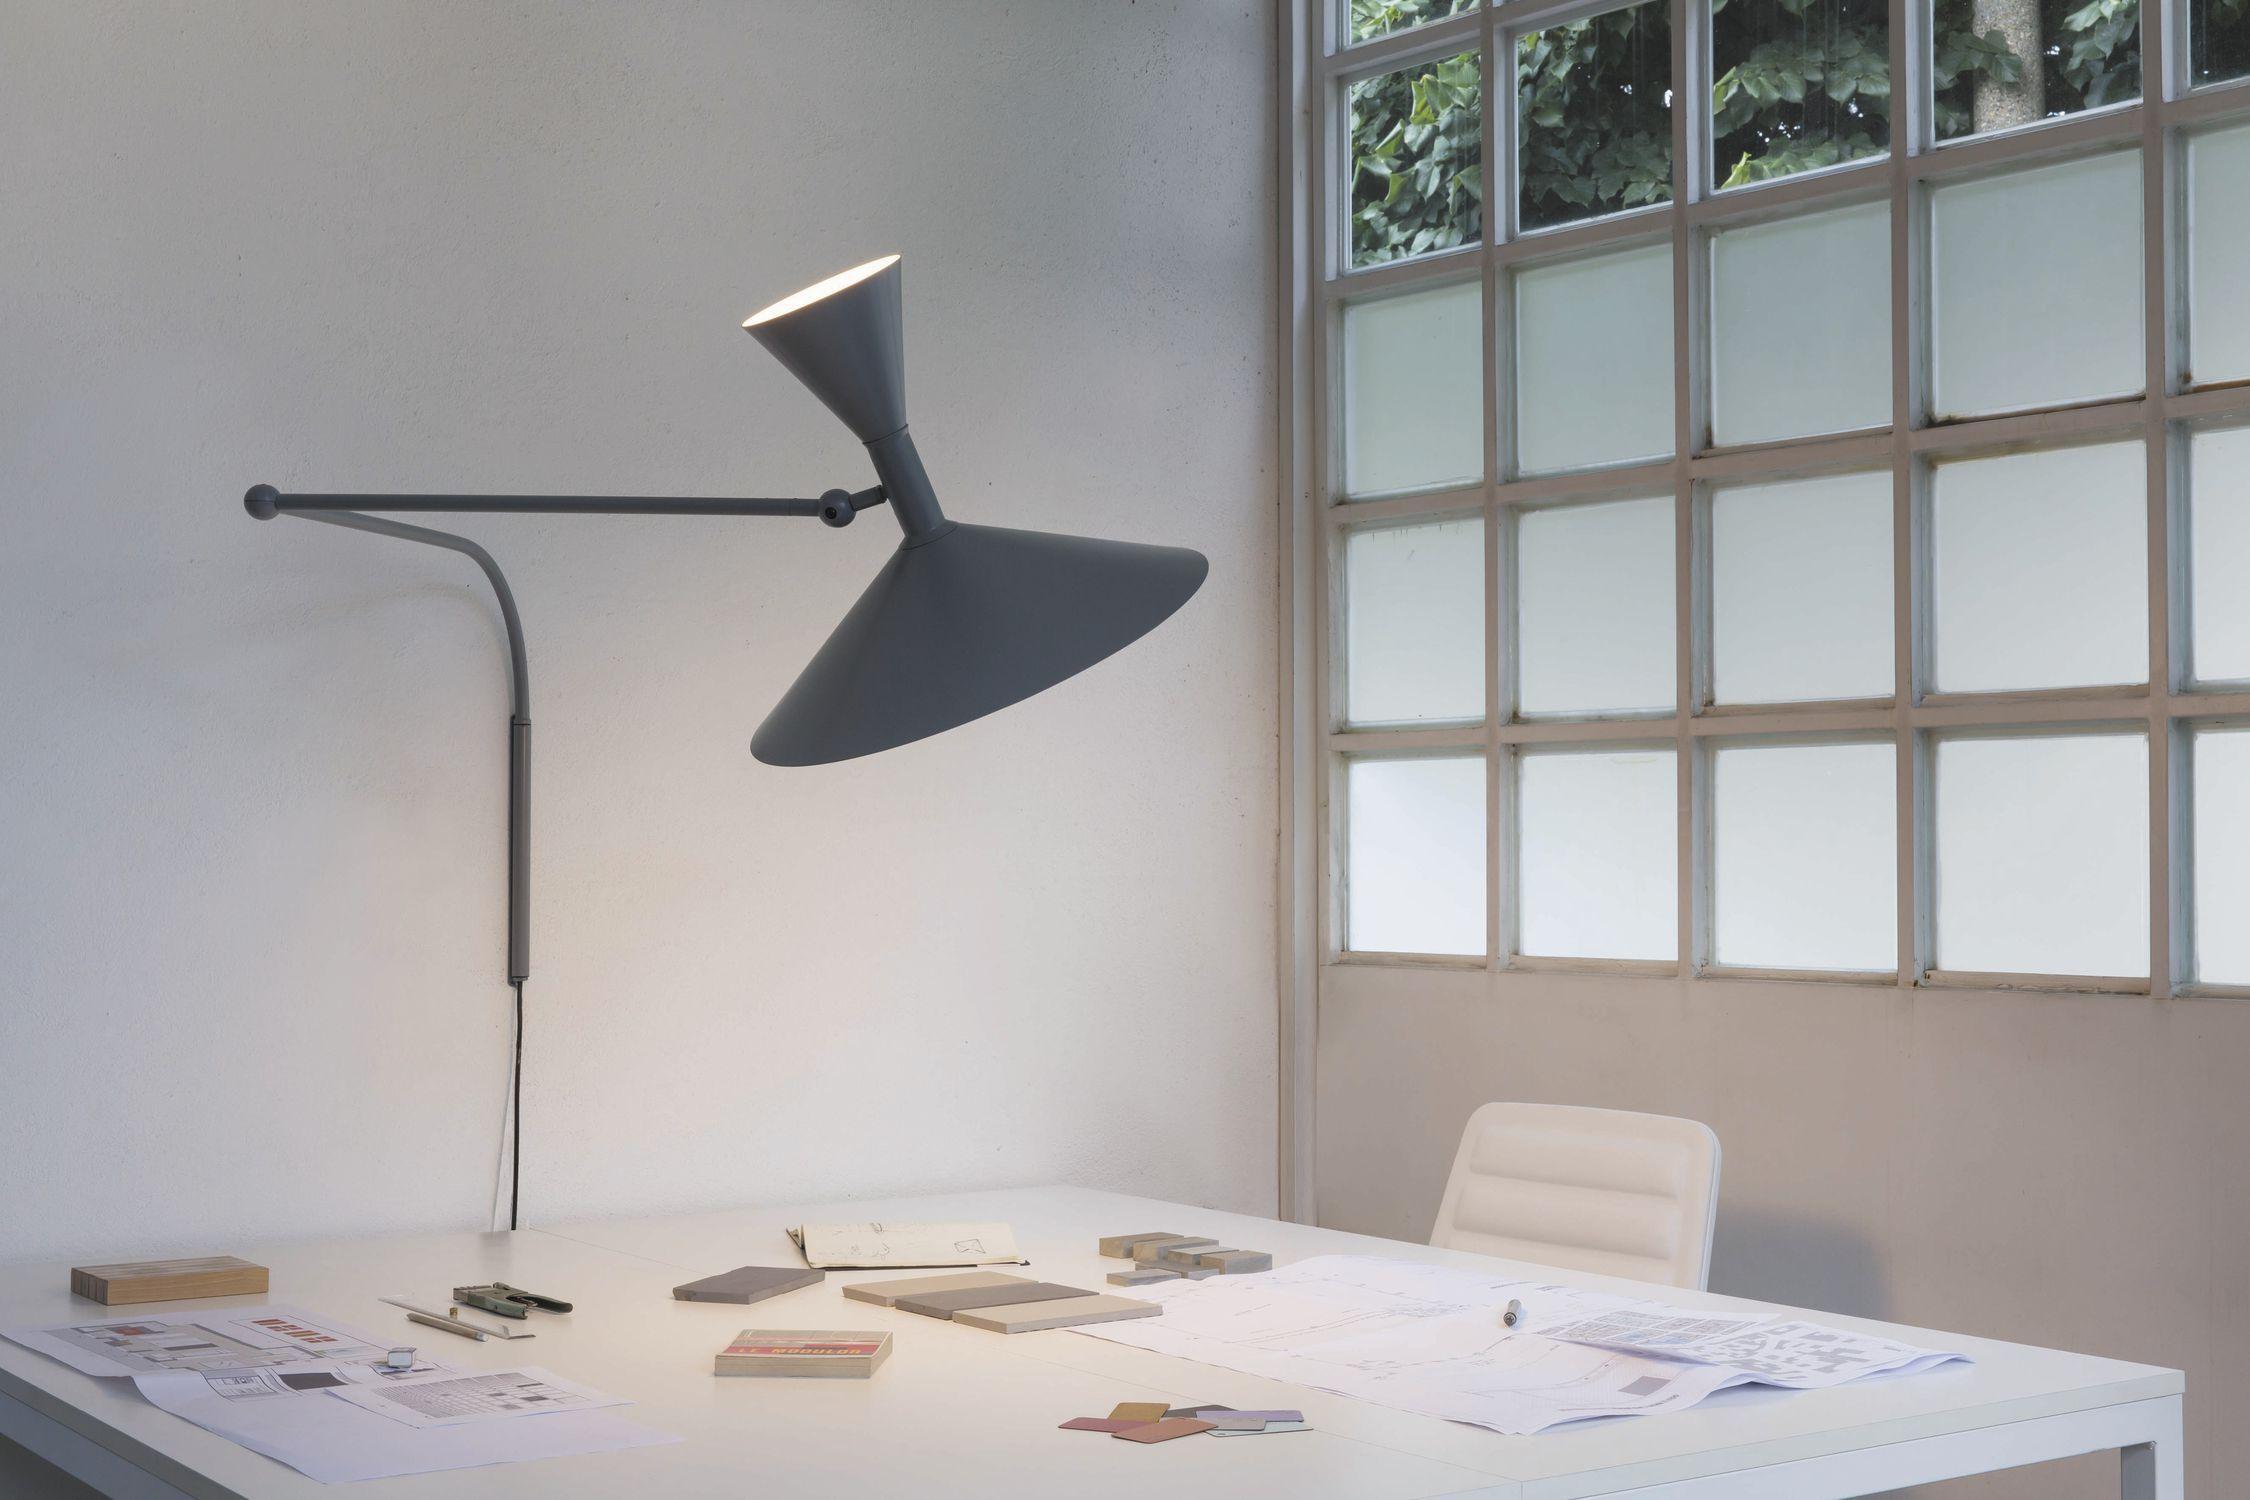 LAMPE DE MARSEILLE er designet av Le Corbusier